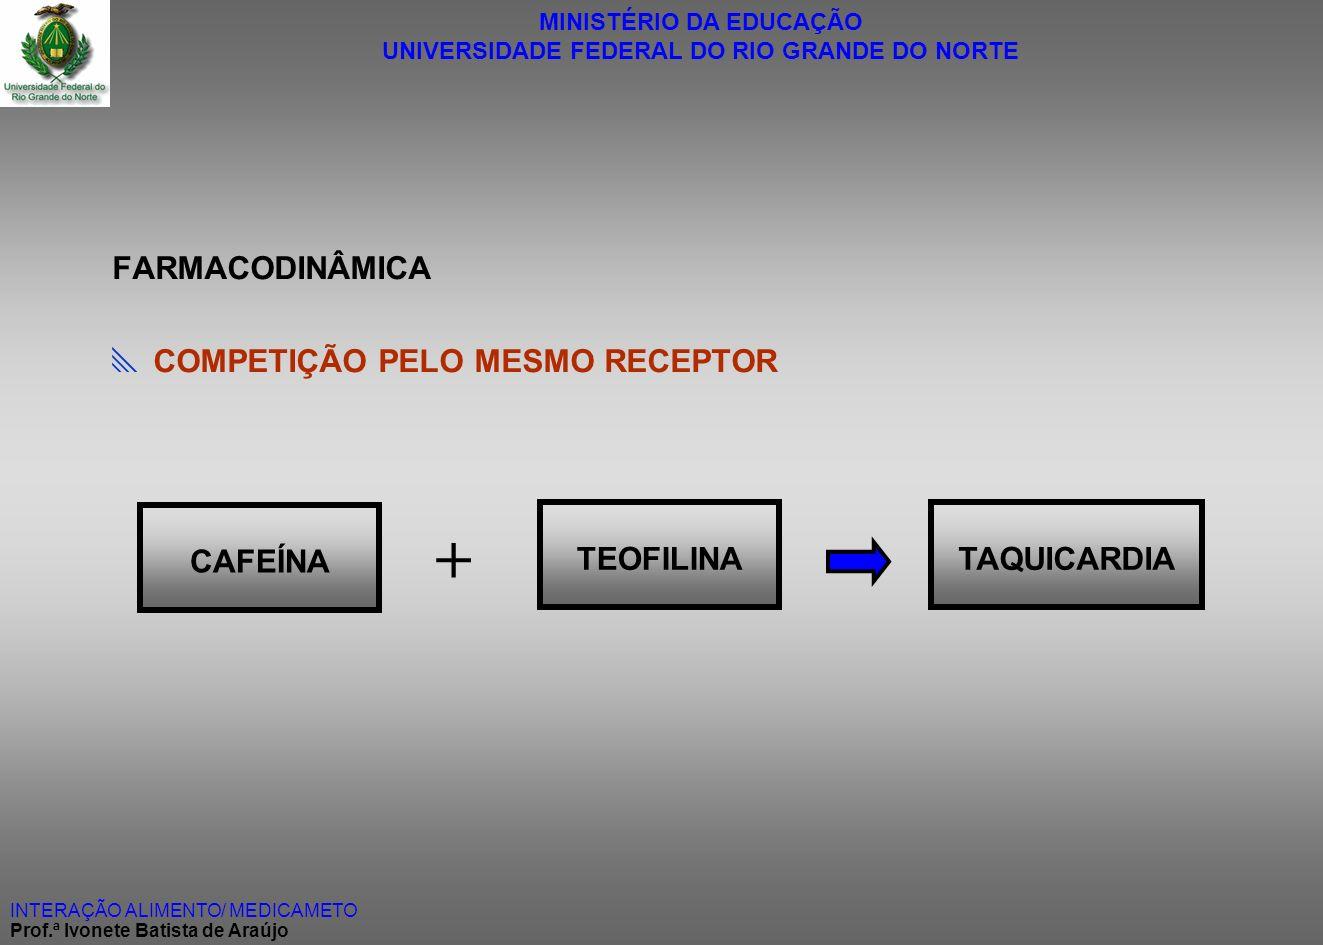 MINISTÉRIO DA EDUCAÇÃO UNIVERSIDADE FEDERAL DO RIO GRANDE DO NORTE INTERAÇÃO ALIMENTO/ MEDICAMETO Prof.ª Ivonete Batista de Araújo FARMACODINÂMICA COM